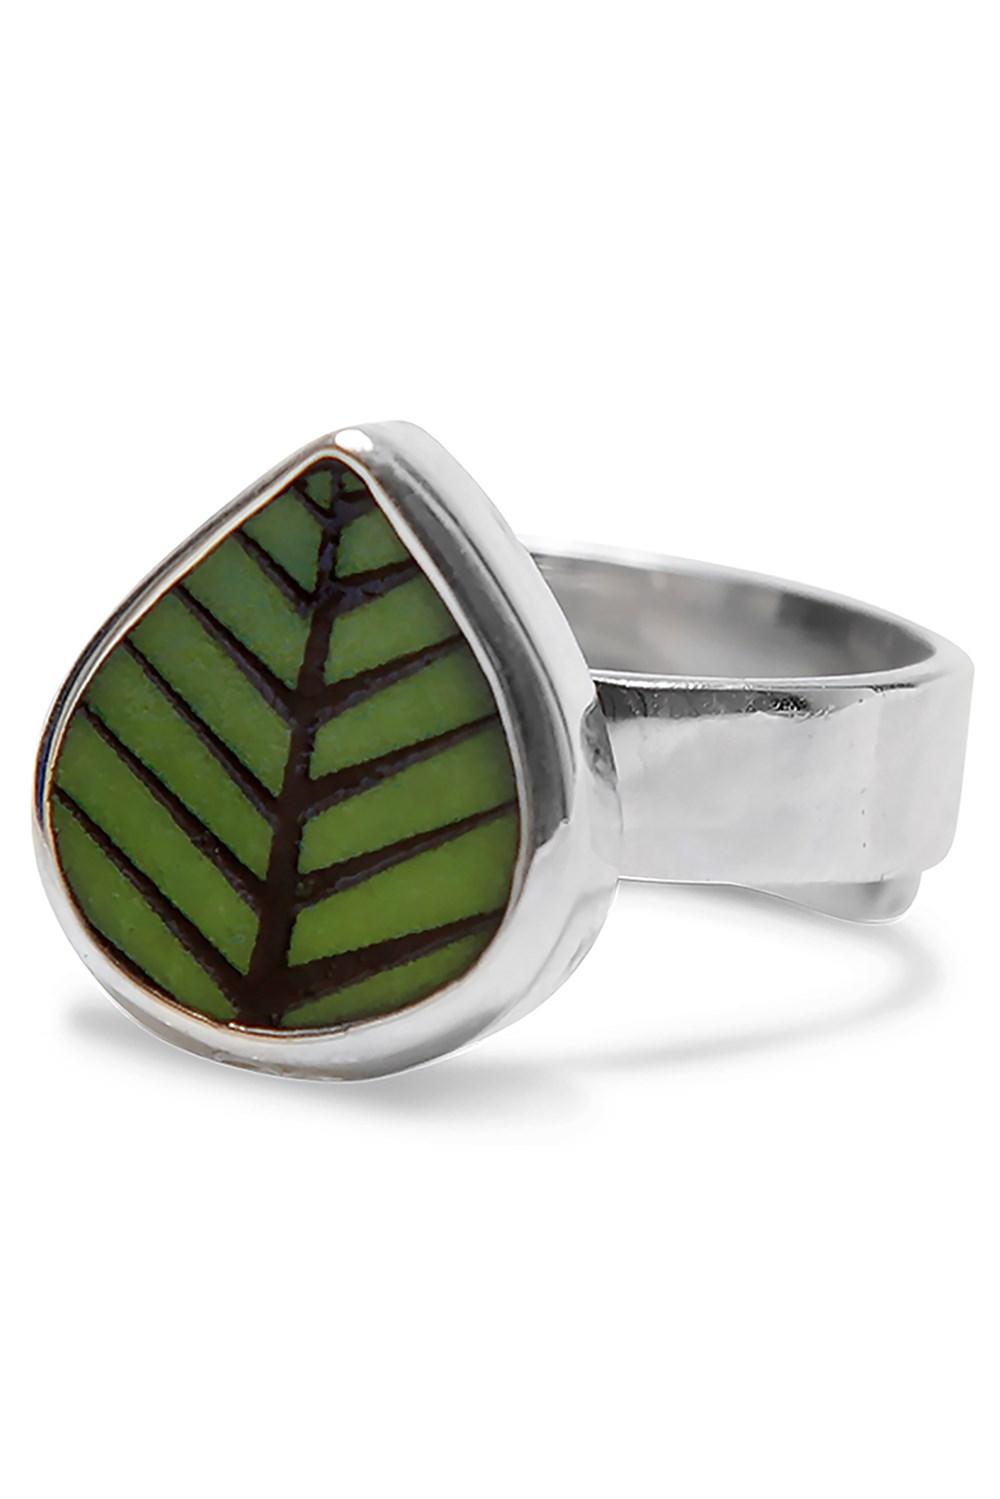 Berså petite ring (20 mm, justerbar)